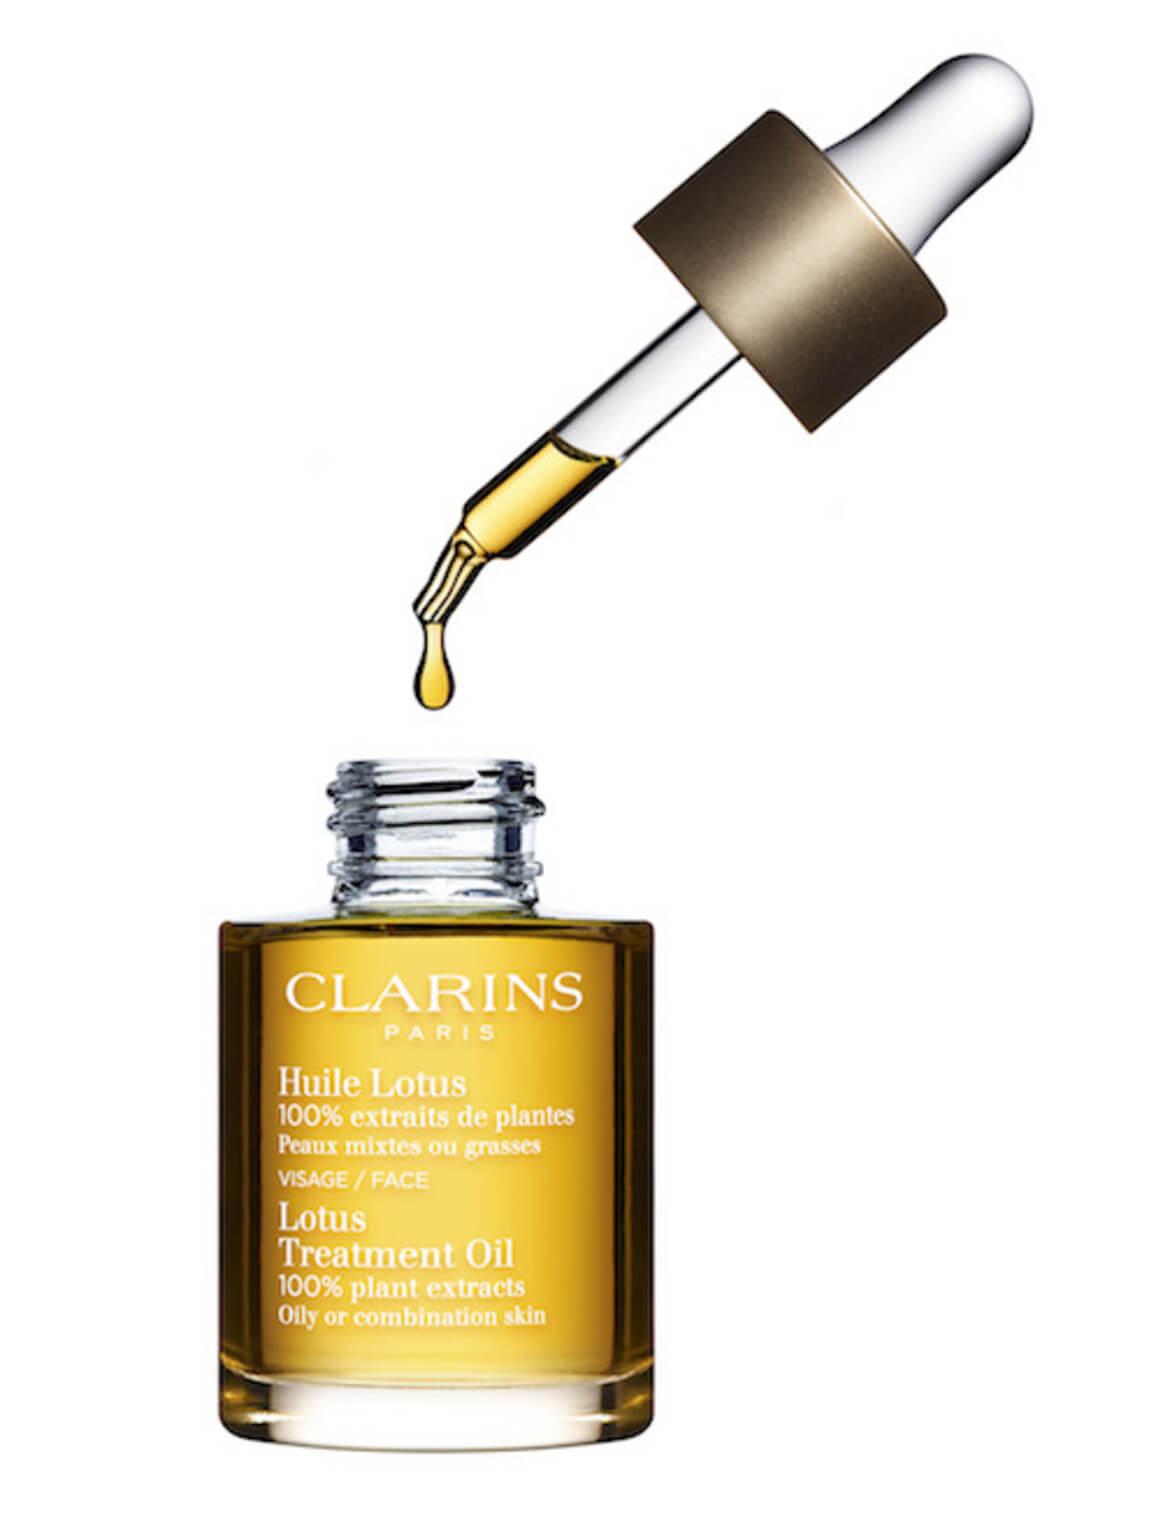 Clarins 蓮花護理油 HK$450/30ml 針對混合性和油性肌膚,能有效淨化及調和肌膚。迷迭香、天竺葵及榛子油結合蓮花萃取,有效收緊毛孔、平滑肌膚紋理。